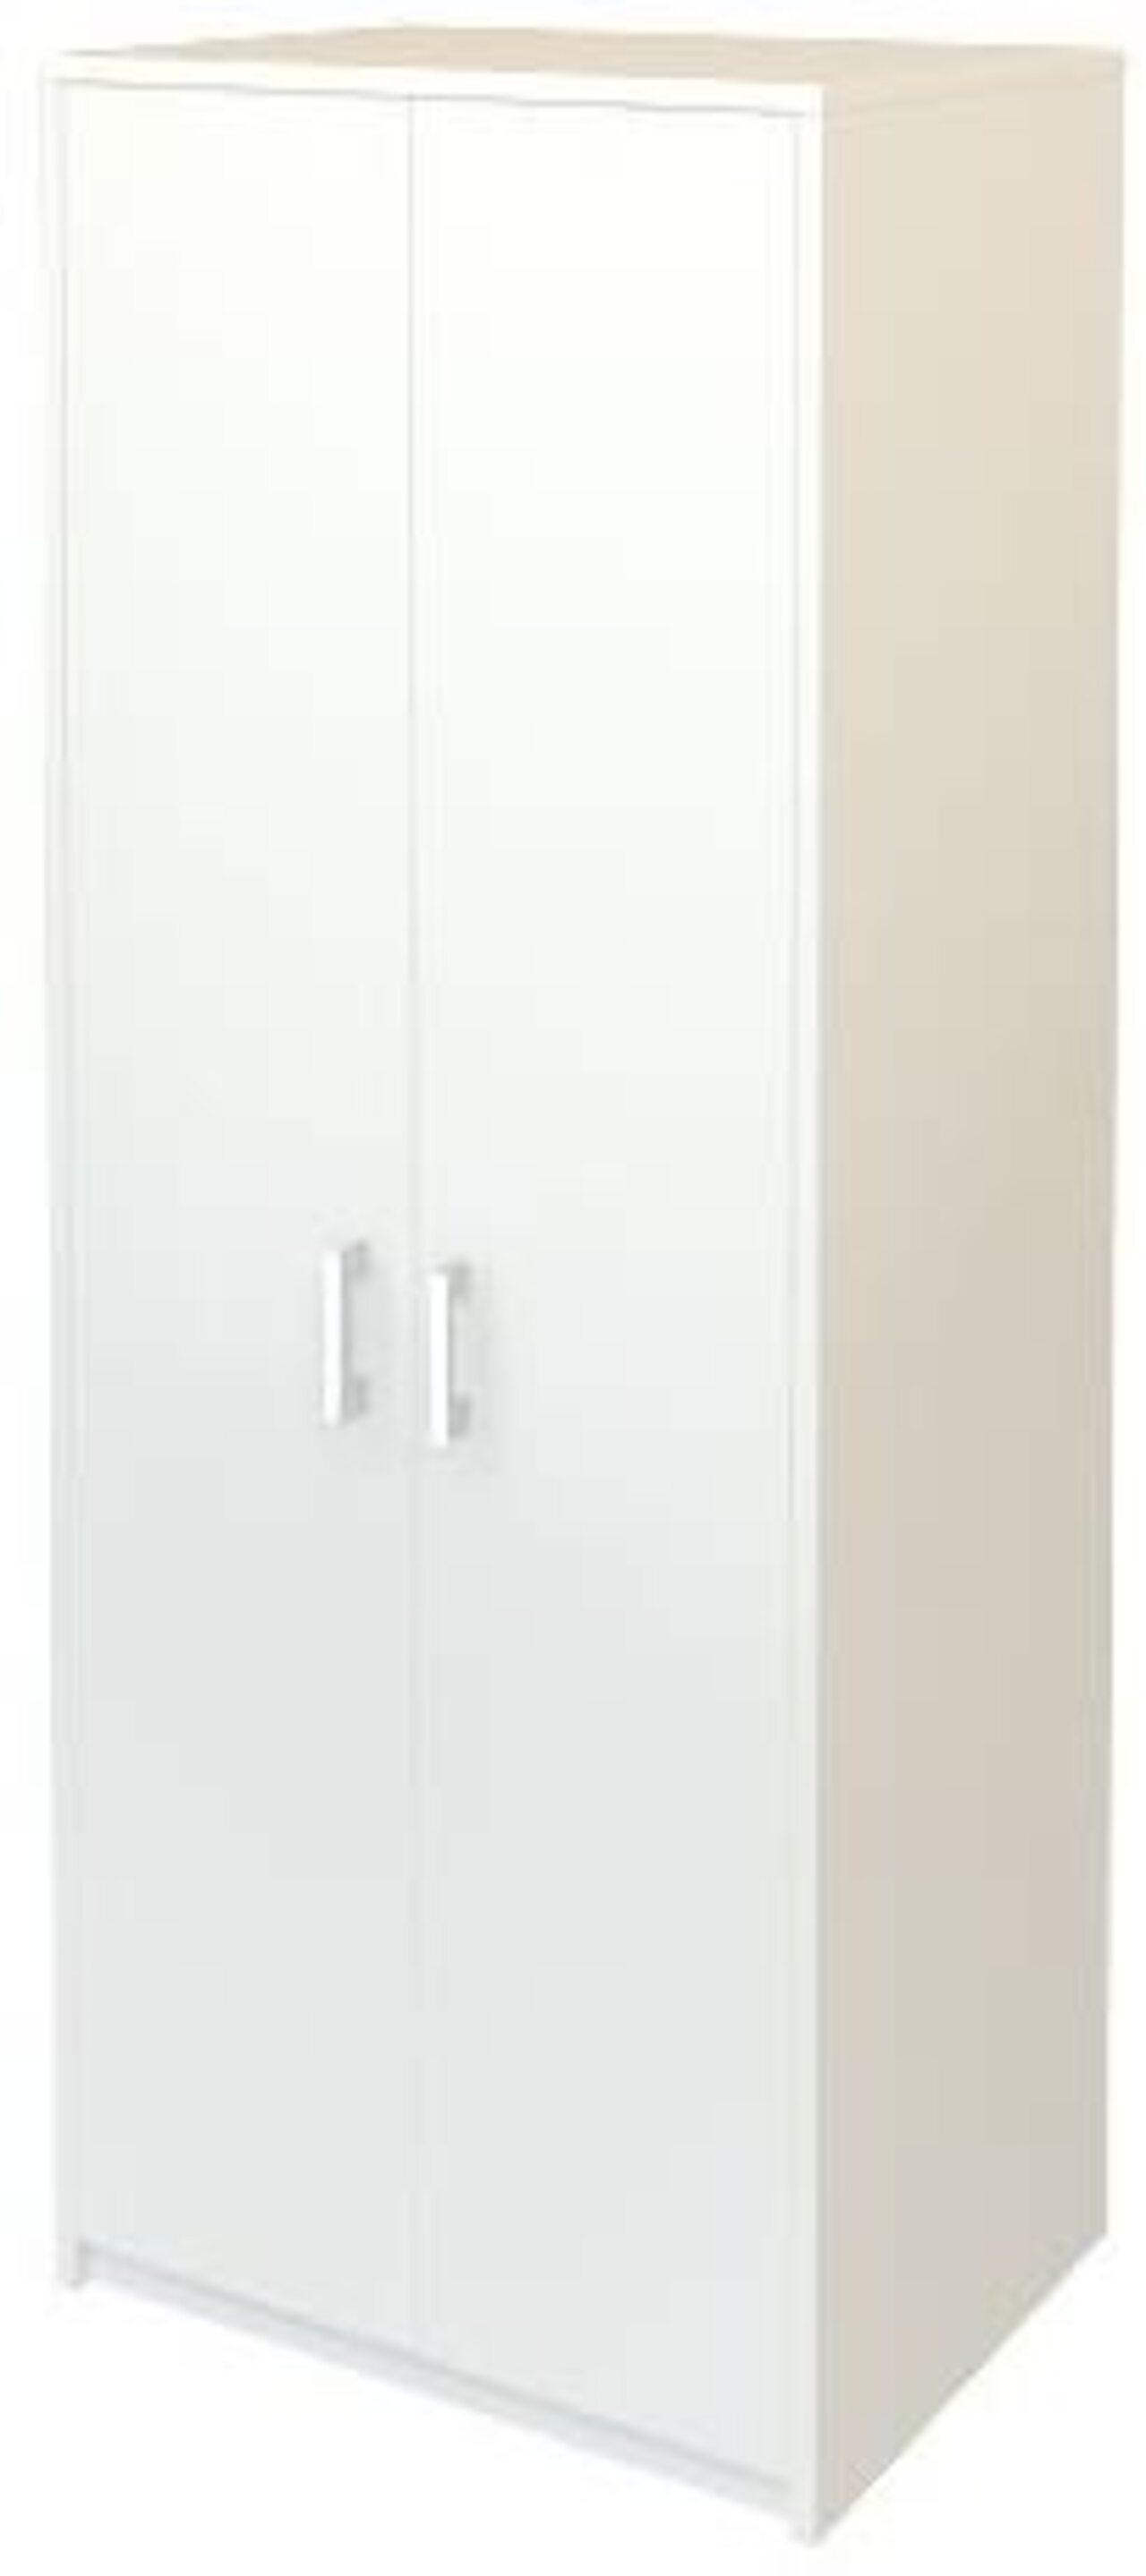 Шкаф для одежды  Арго 77x58x200 - фото 5